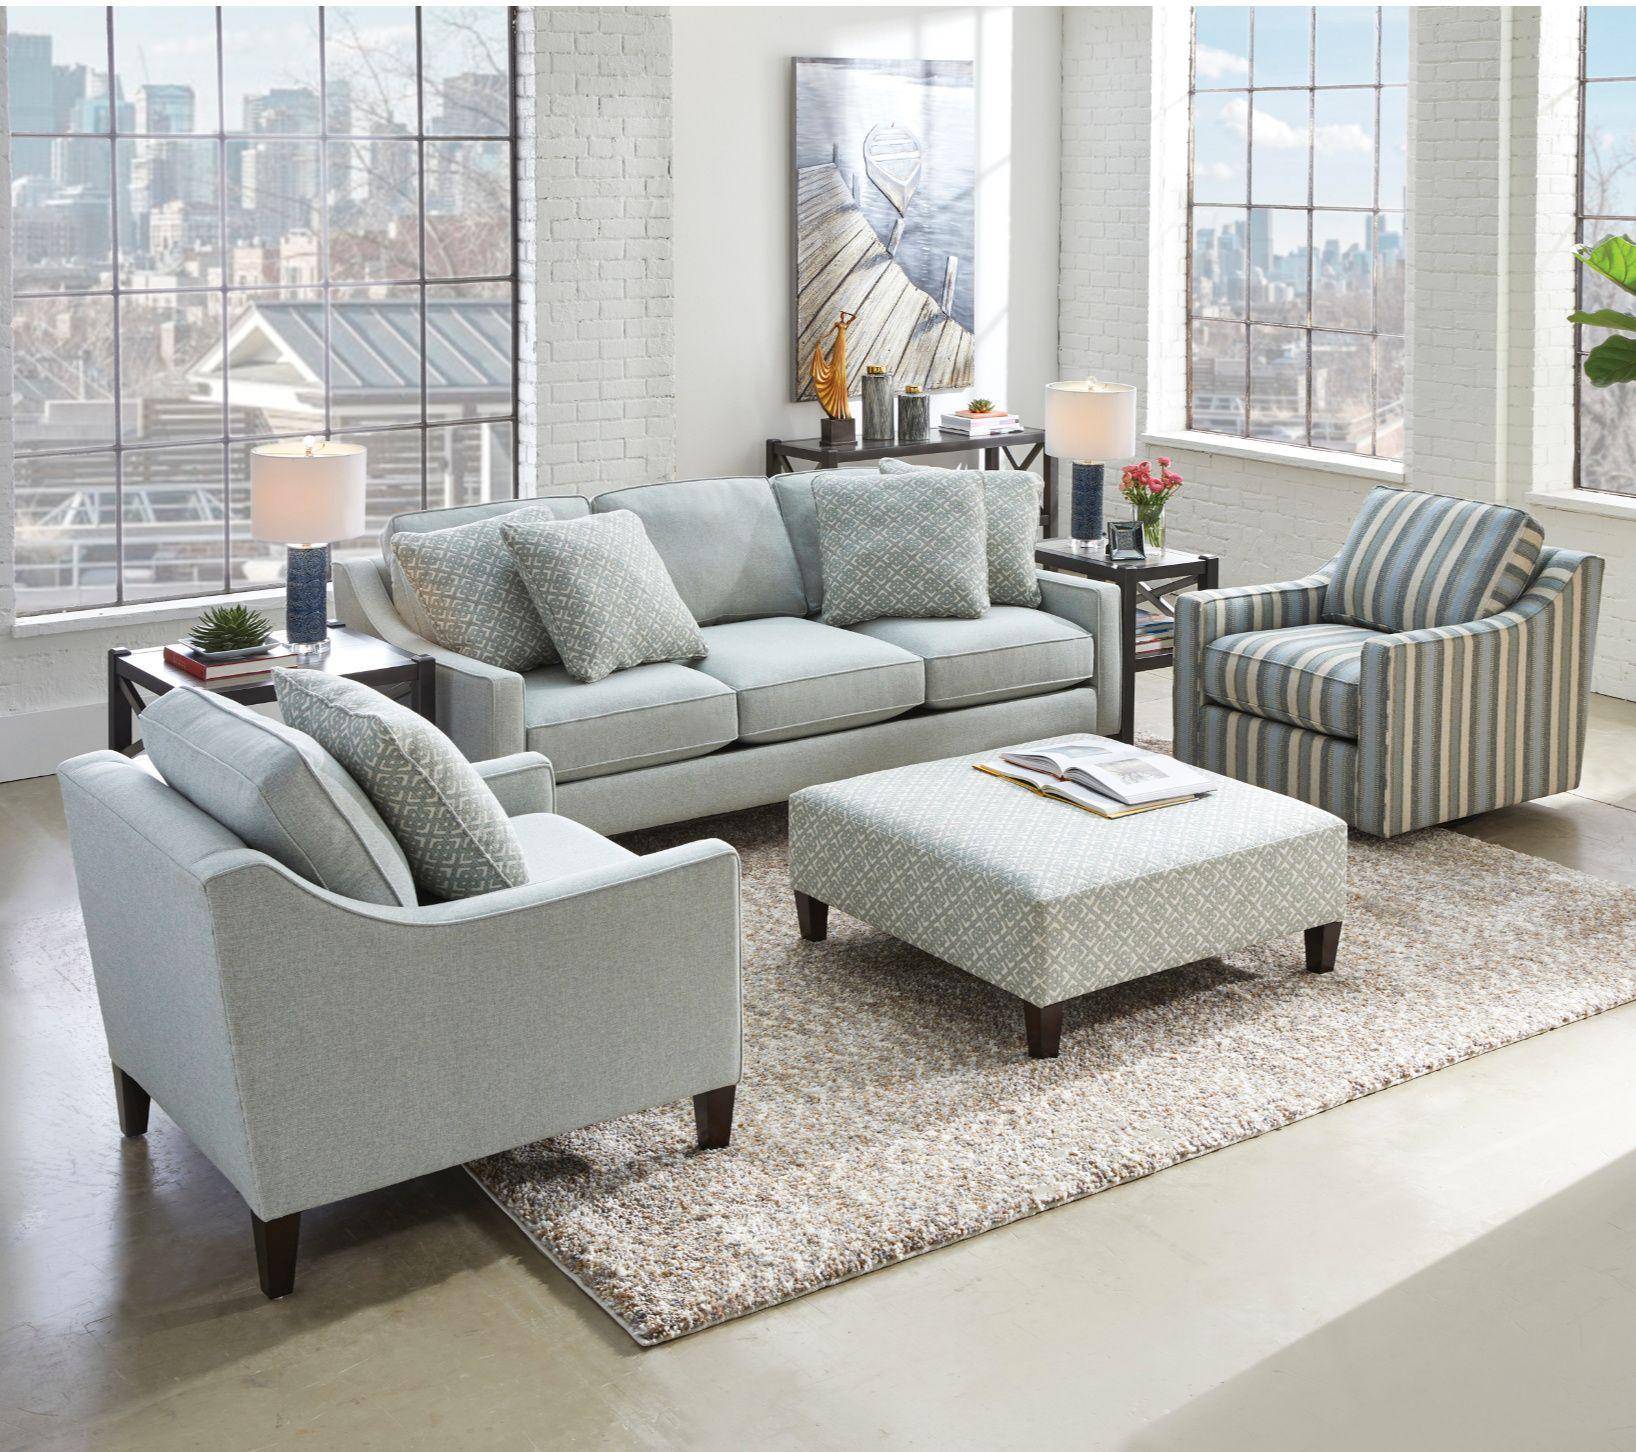 Mcnichols Sofa Living Room Decor Neutral Modern Furniture Living Room Living Room Remodel